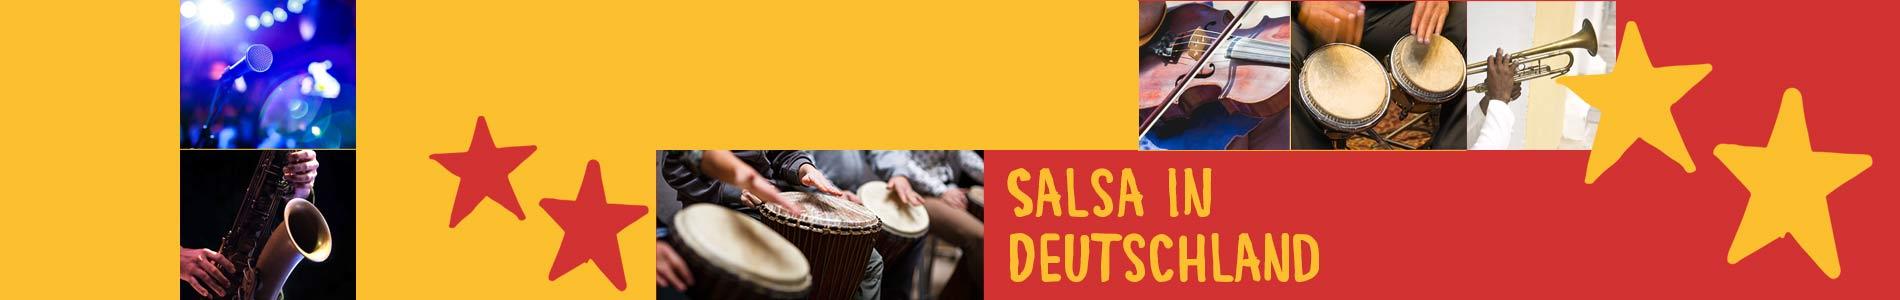 Salsa in Buch am Ahorn – Salsa lernen und tanzen, Tanzkurse, Partys, Veranstaltungen